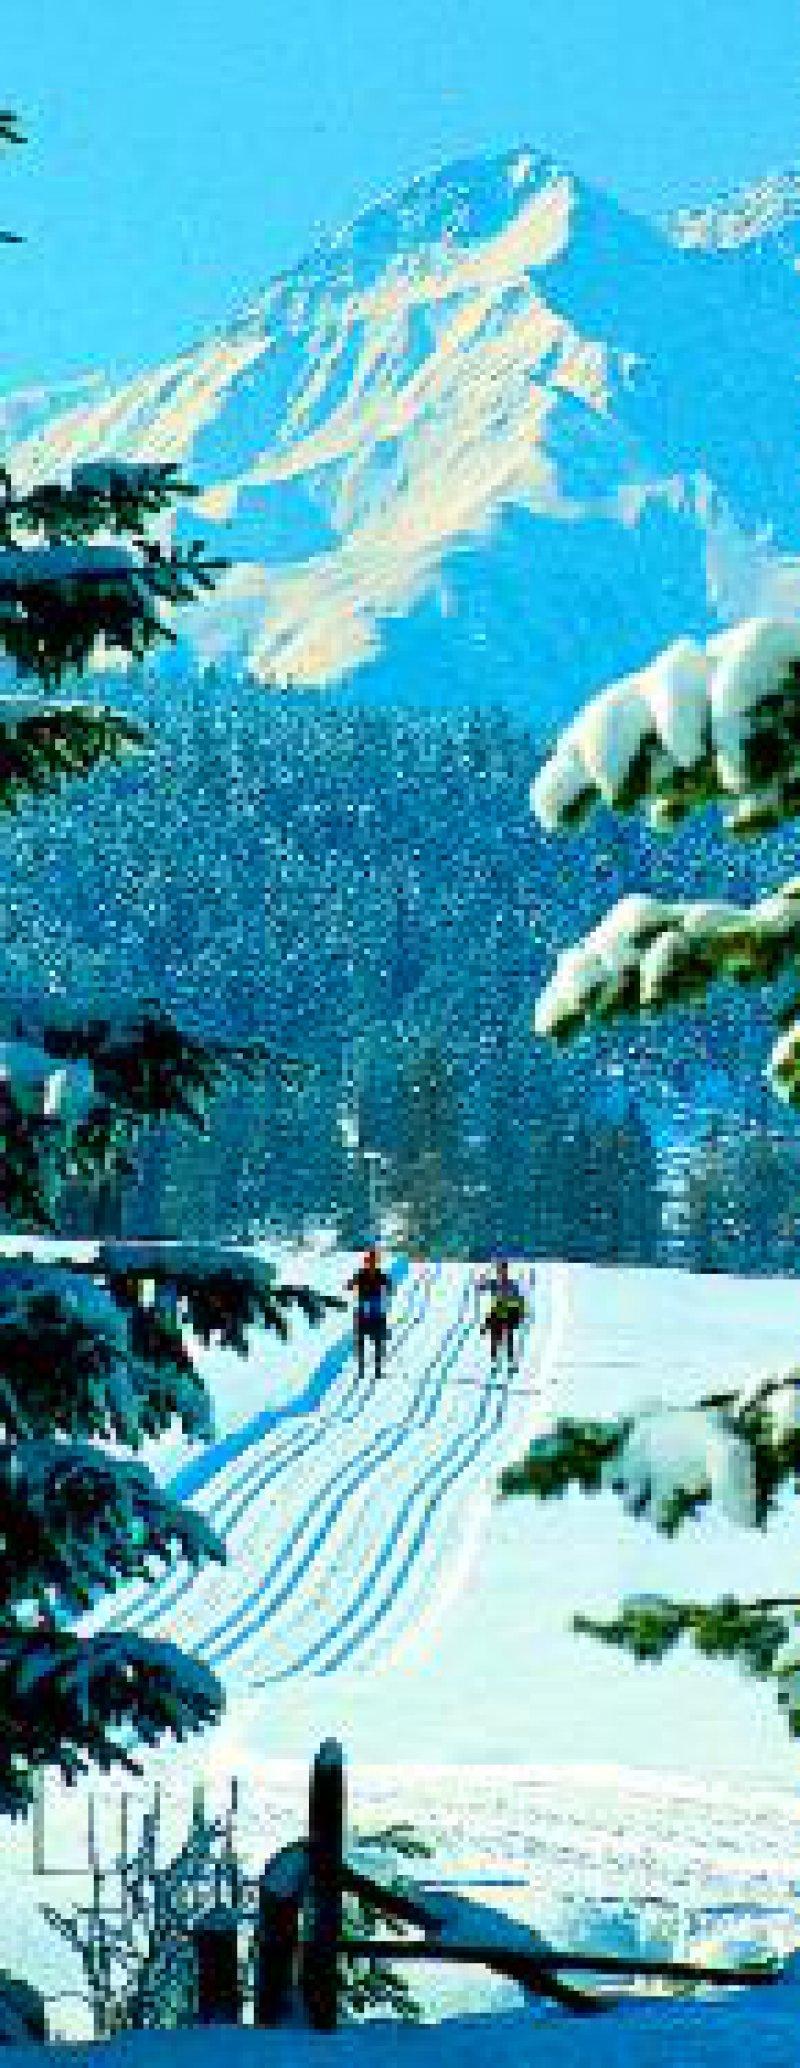 Gespurte Loipen und eine intakte Bergwelt in Tirol: ideal für Langläufer Fotos: Tirol Werbung